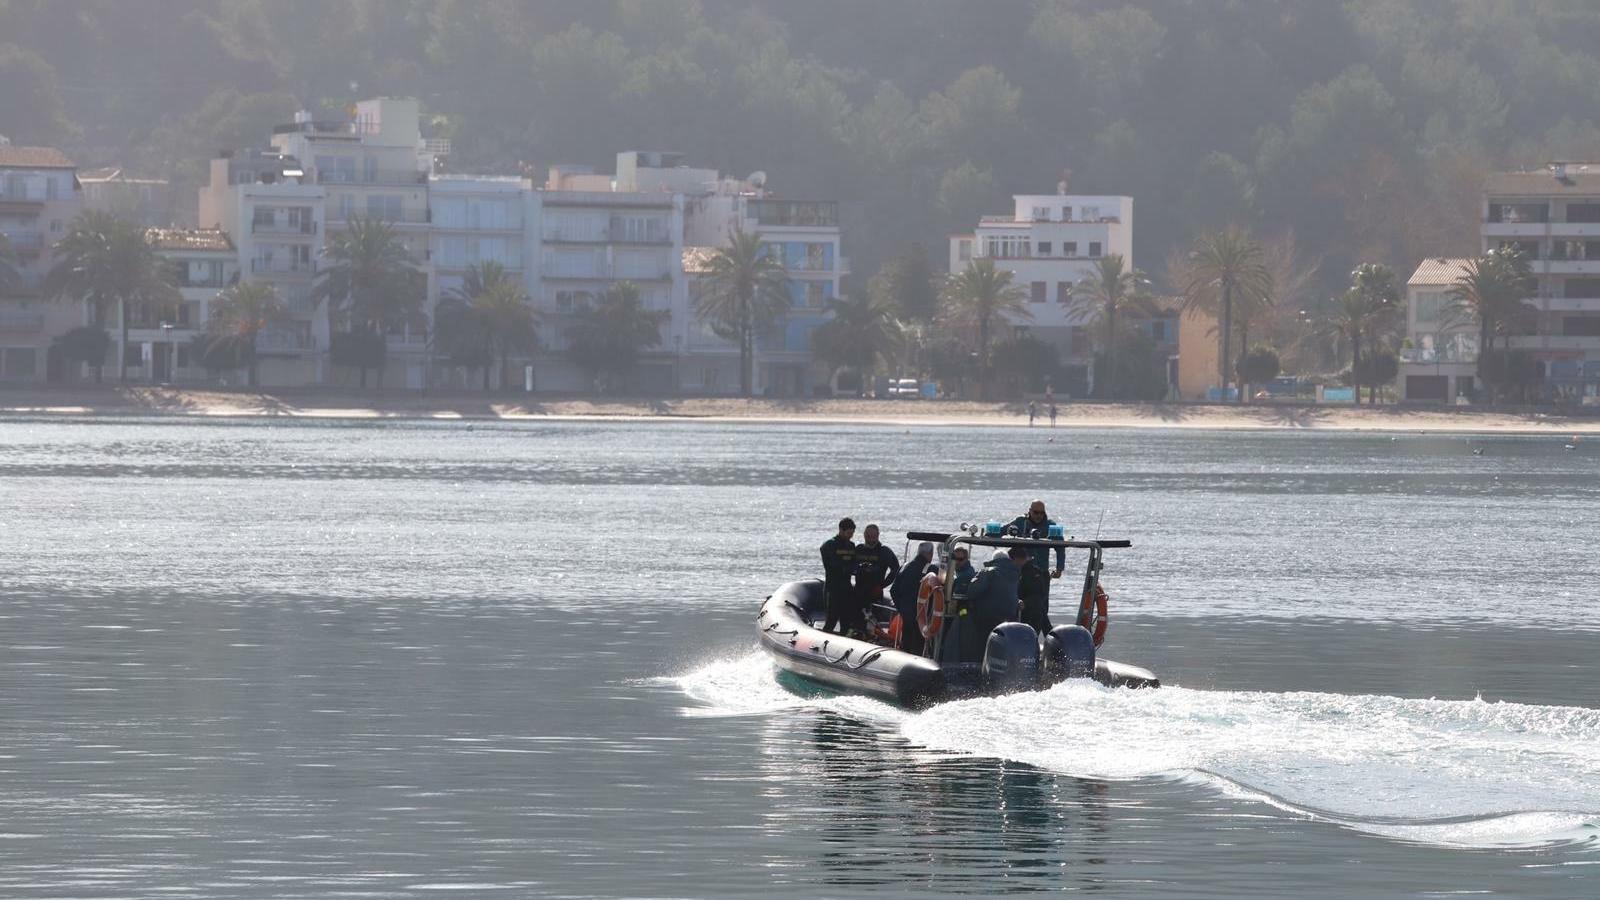 Continua la recerca per mar del barranquista desaparegut a Mallorca durant la borrasca Glòria